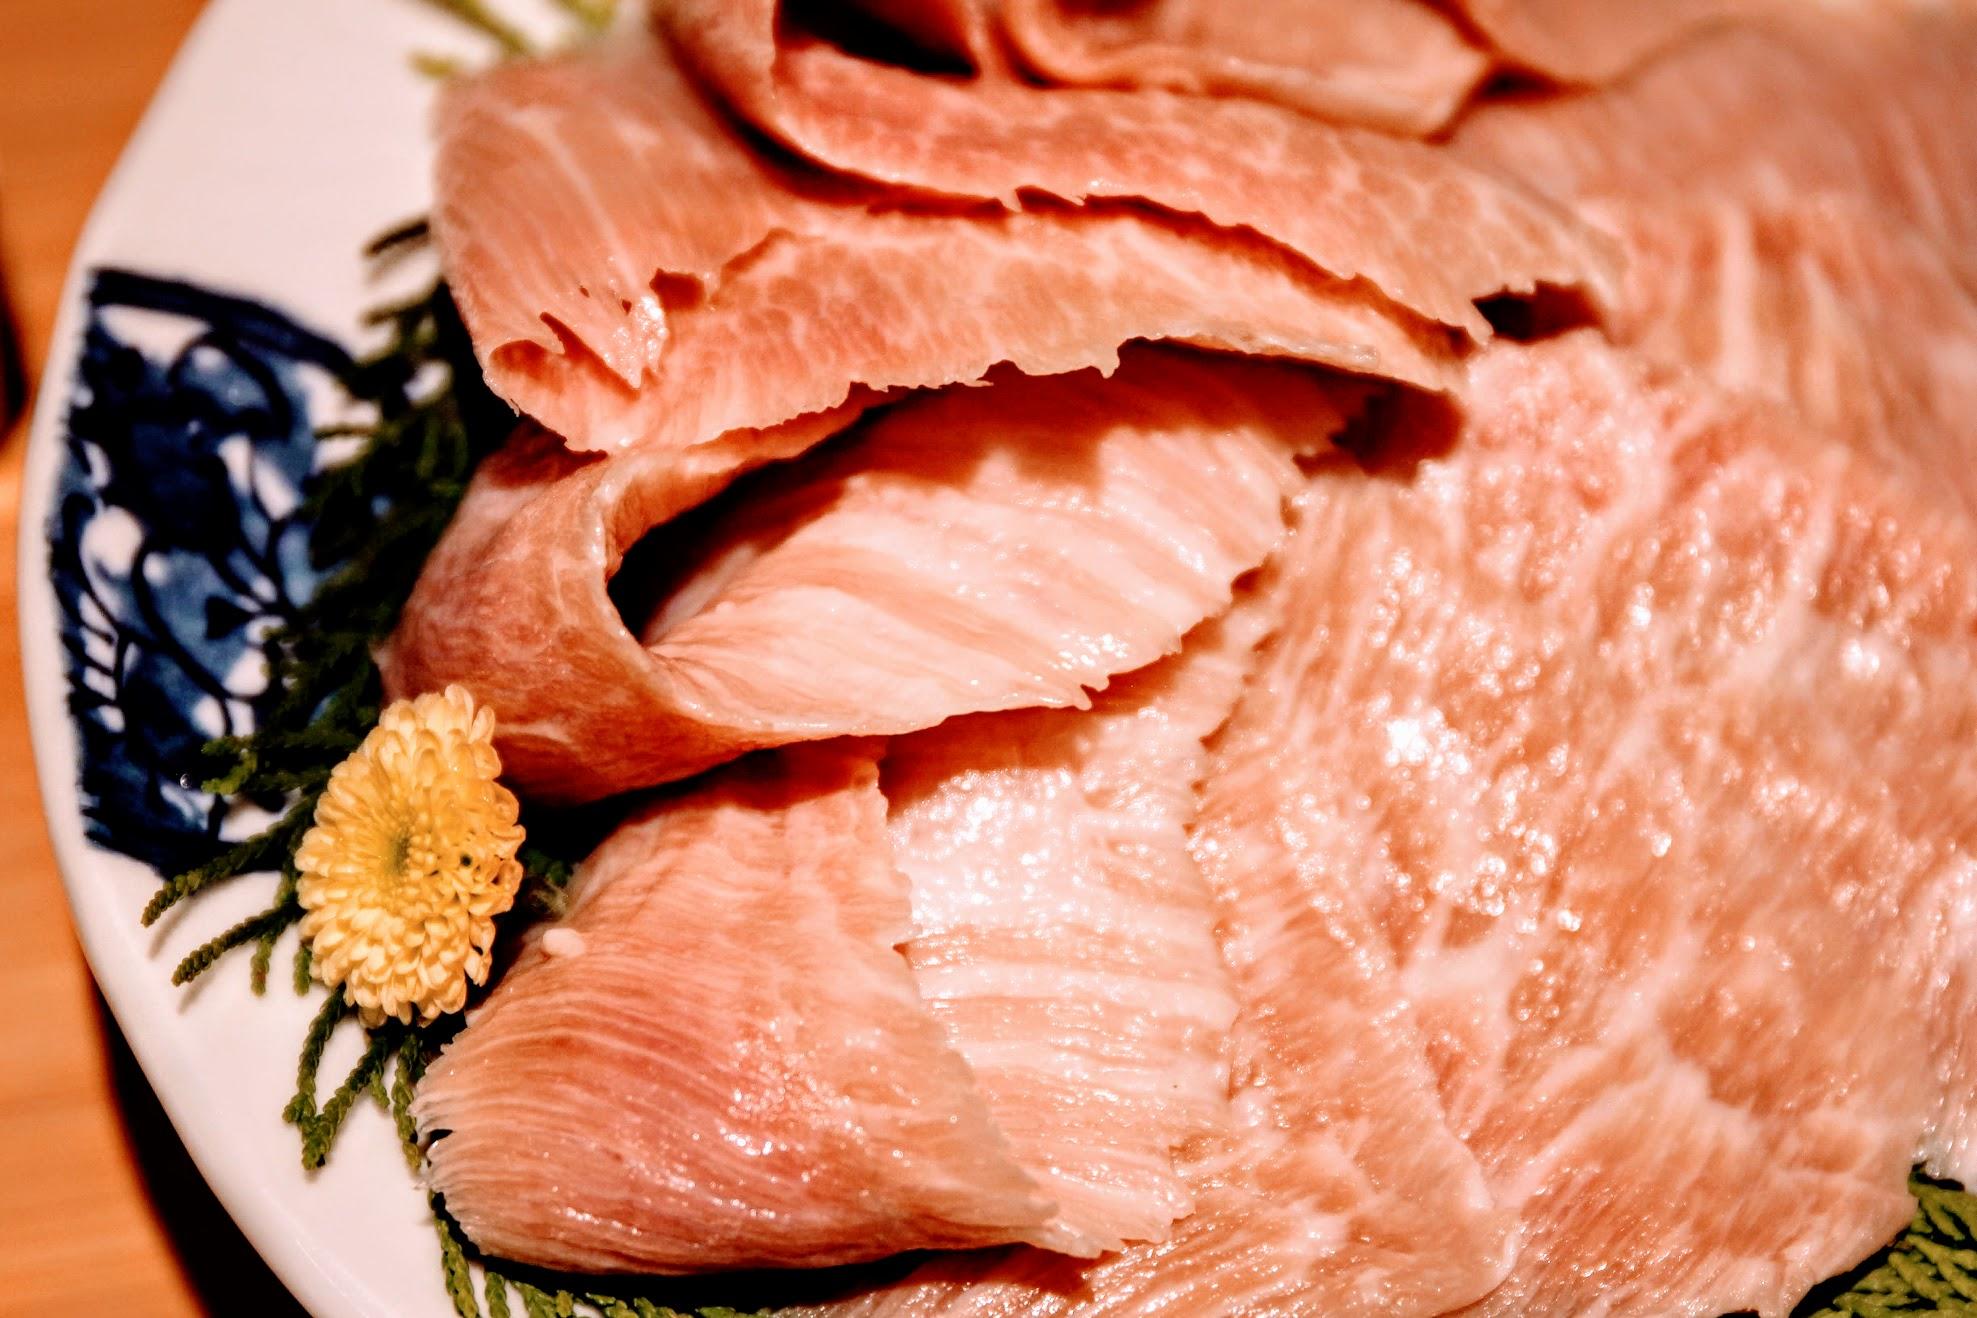 肉片還頗厚的,油花分布均勻,口感則跟牛肉完全不同啊